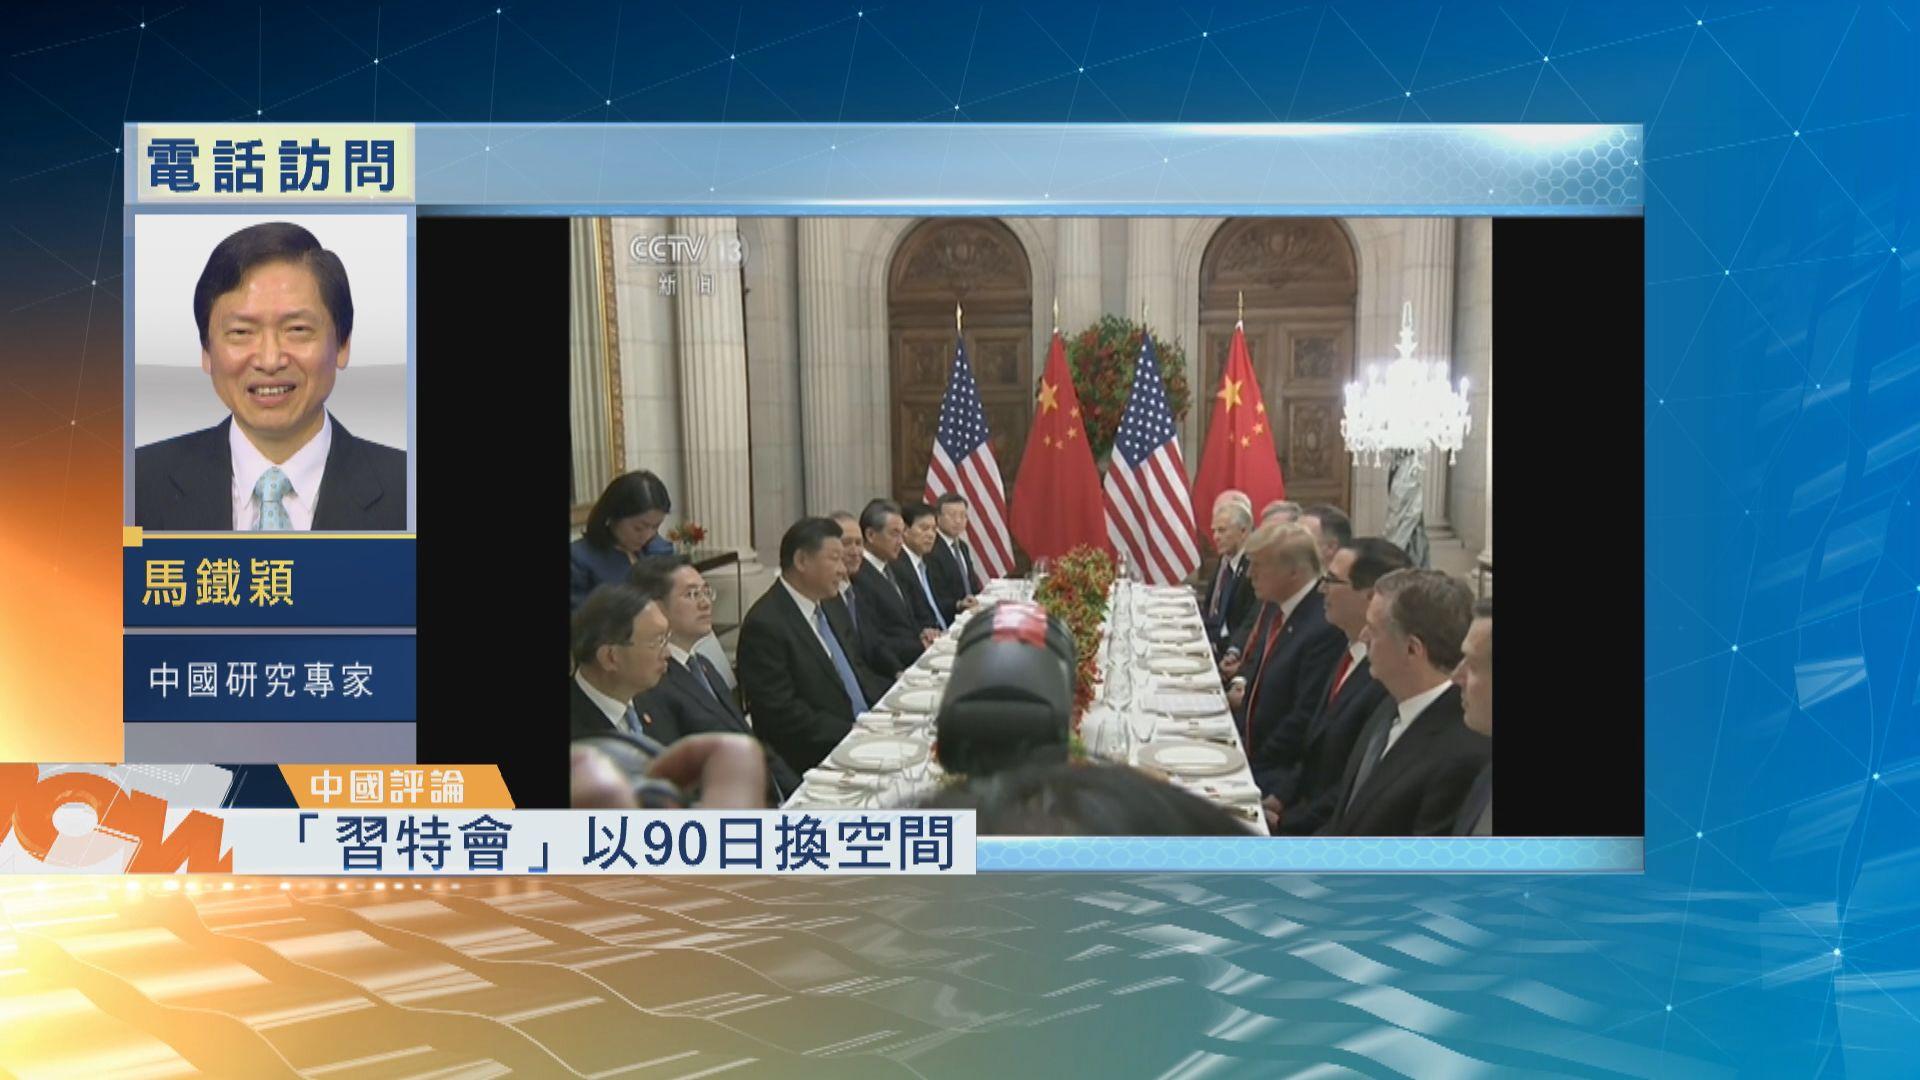 【中國評論】習特會同意貿易戰「休戰」90天